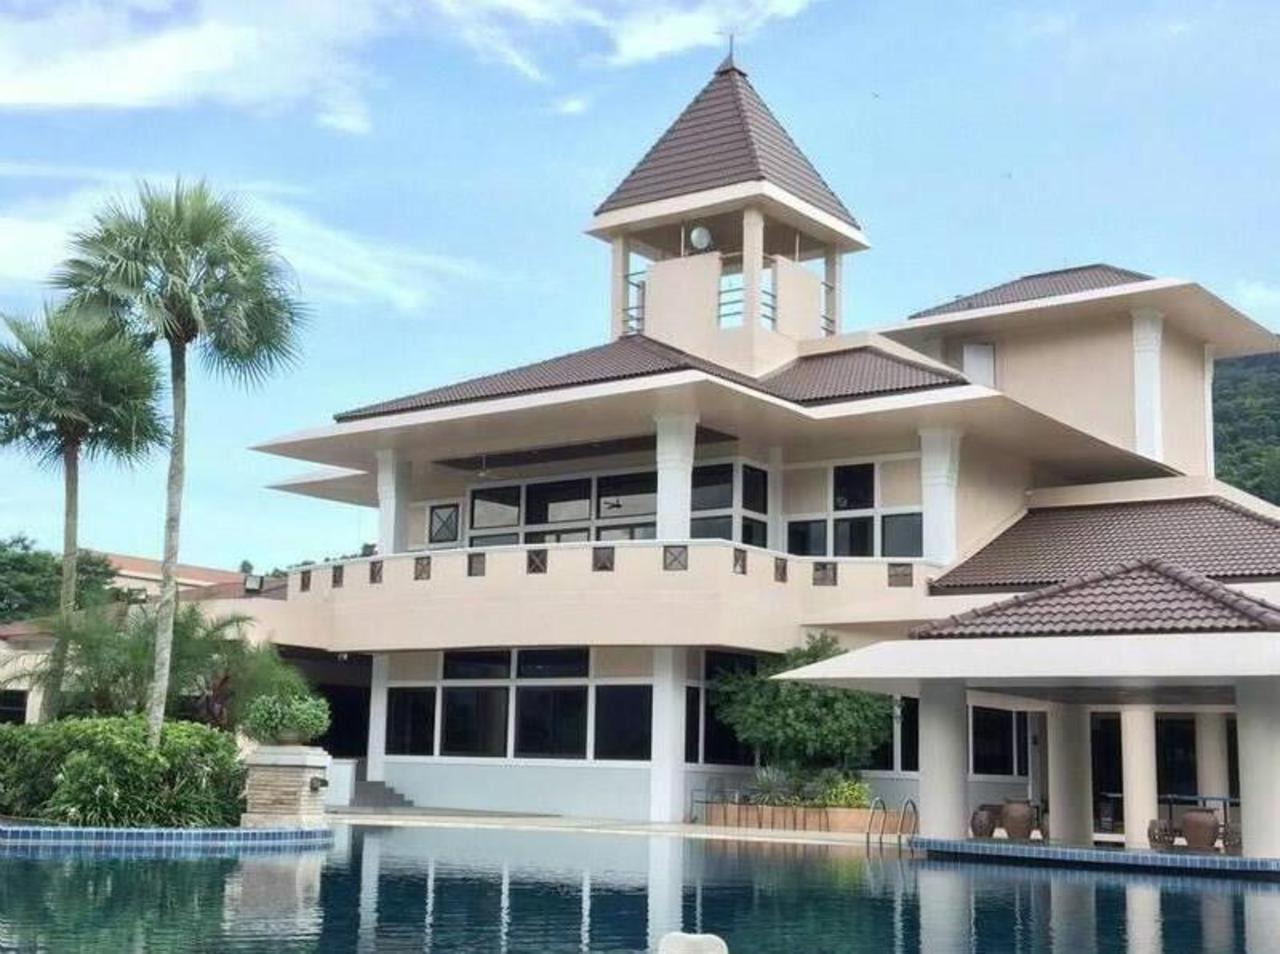 รอยัล ฮิลล์ กอล์ฟ รีสอร์ท แอนด์ สปา (Royal Hills Golf Resort and Spa)